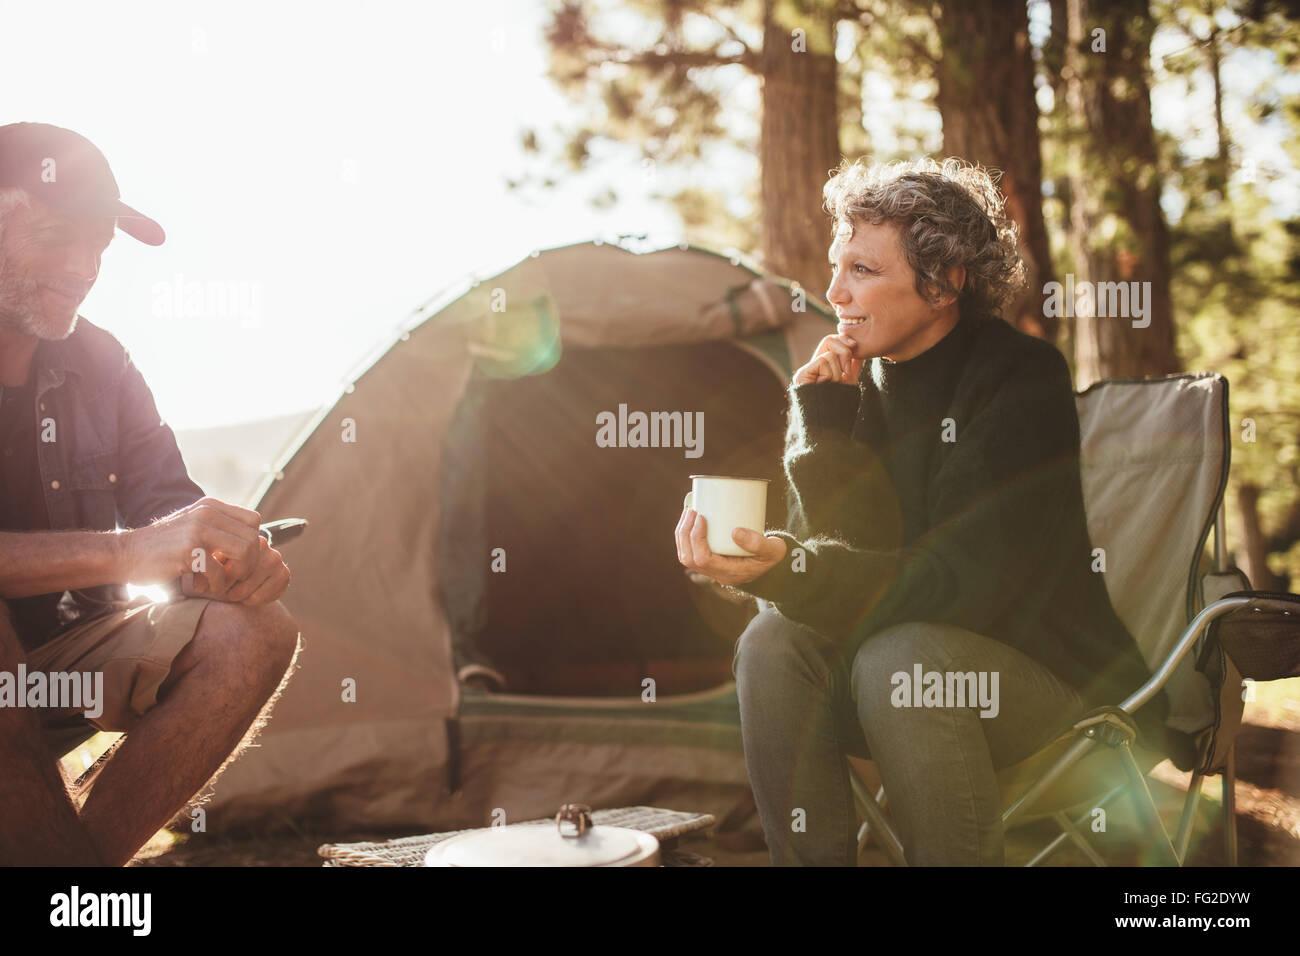 Portrait of mid adult couple détendue assis dehors en camping tente au bord du lac à proximité sur une journée ensoleillée. Banque D'Images